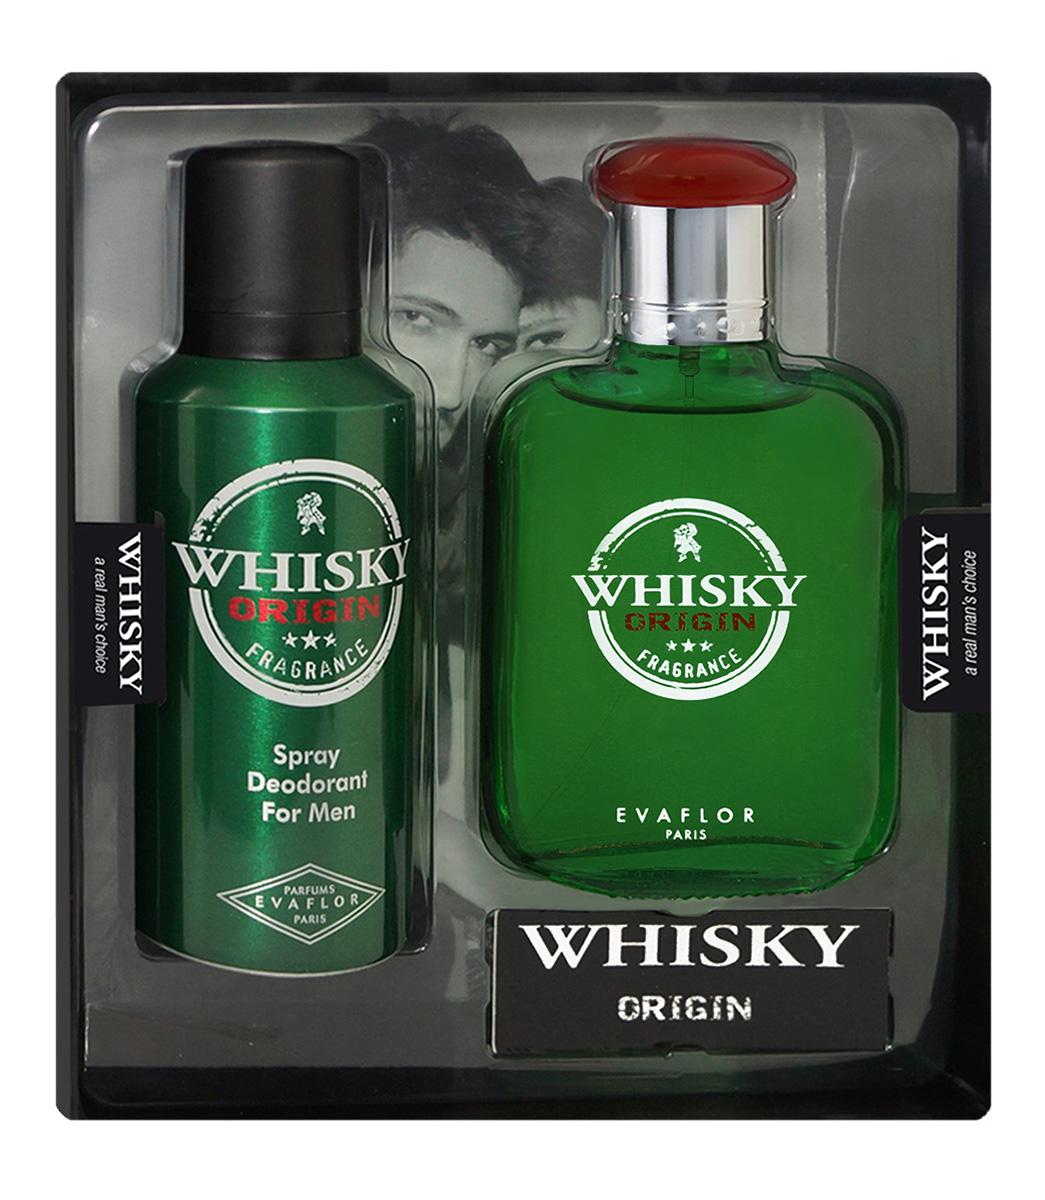 Evaflor Подарочный набор Whisky Origin мужской: Туалетная вода,100 мл , дезодорант, 150 мл75535007000Подарочный набор для мужчин : туалетная вода 100мл, парфюмированный дезодорант 150 мл.